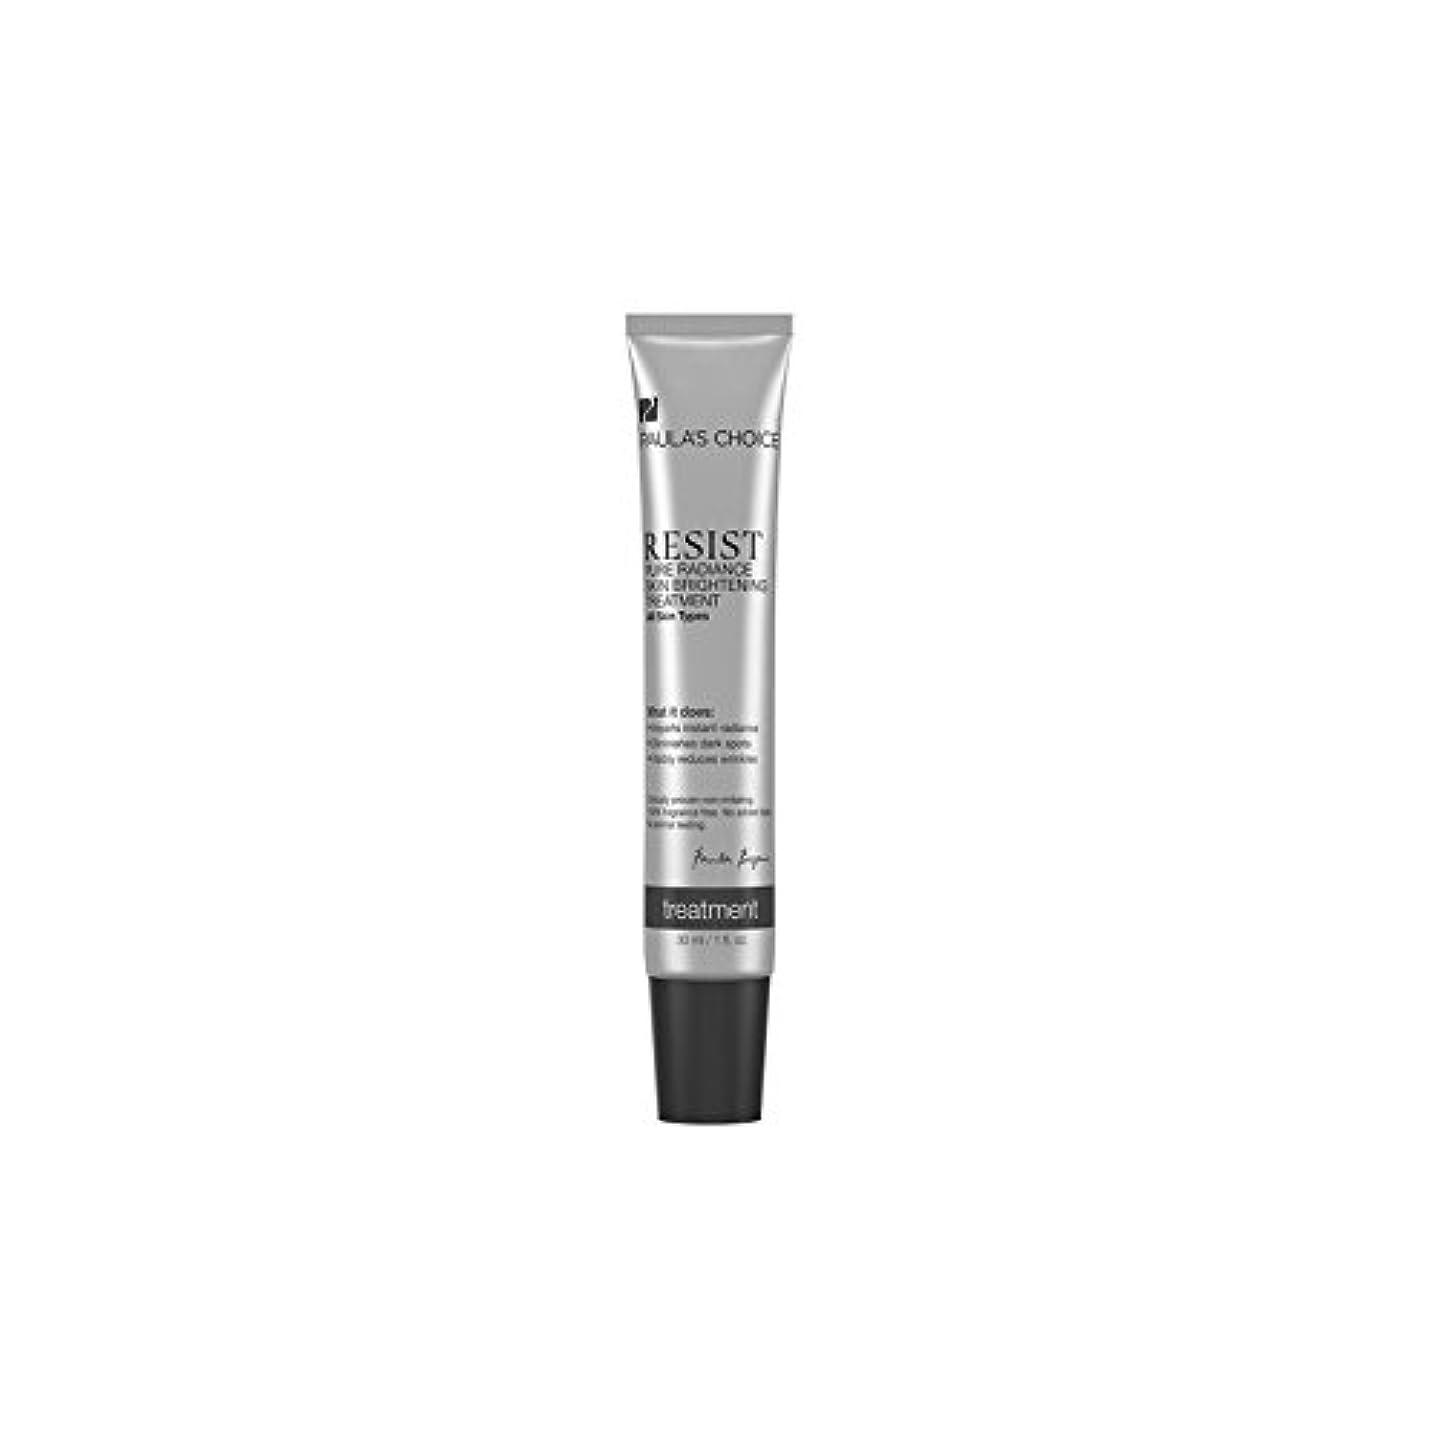 ブランド名計算可能種をまくポーラチョイスは純粋な輝き肌ブライトニングトリートメント(30ミリリットル)を抵抗します x2 - Paula's Choice Resist Pure Radiance Skin Brightening Treatment...